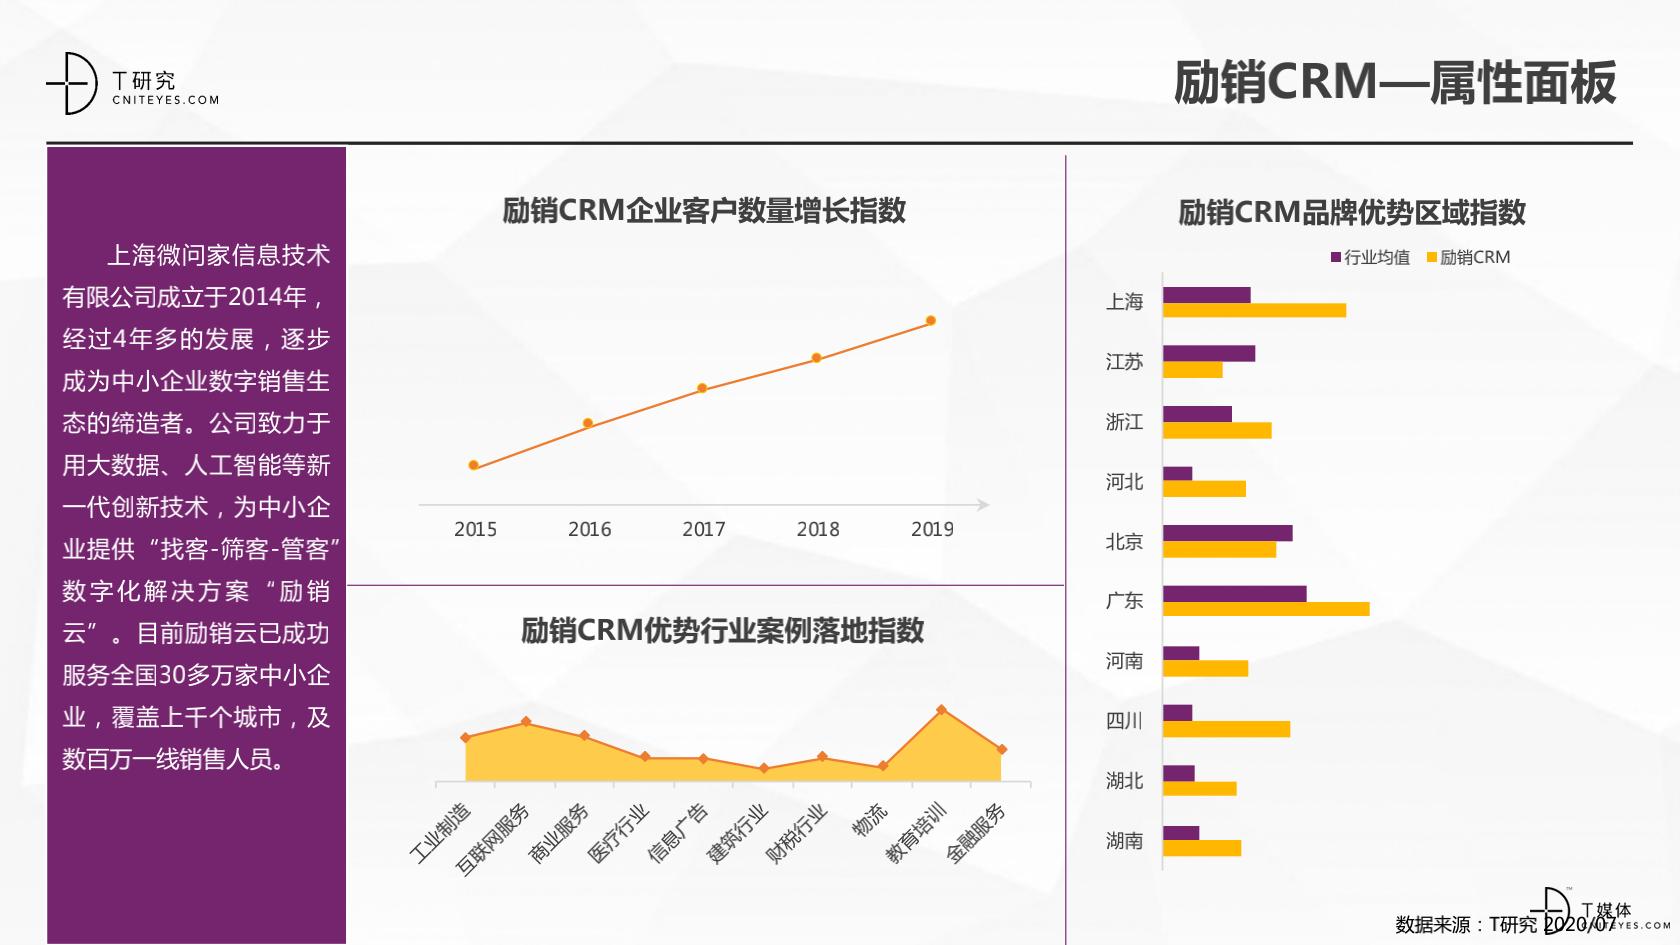 2_2020中国CRM指数测评报告v1.5_33.png